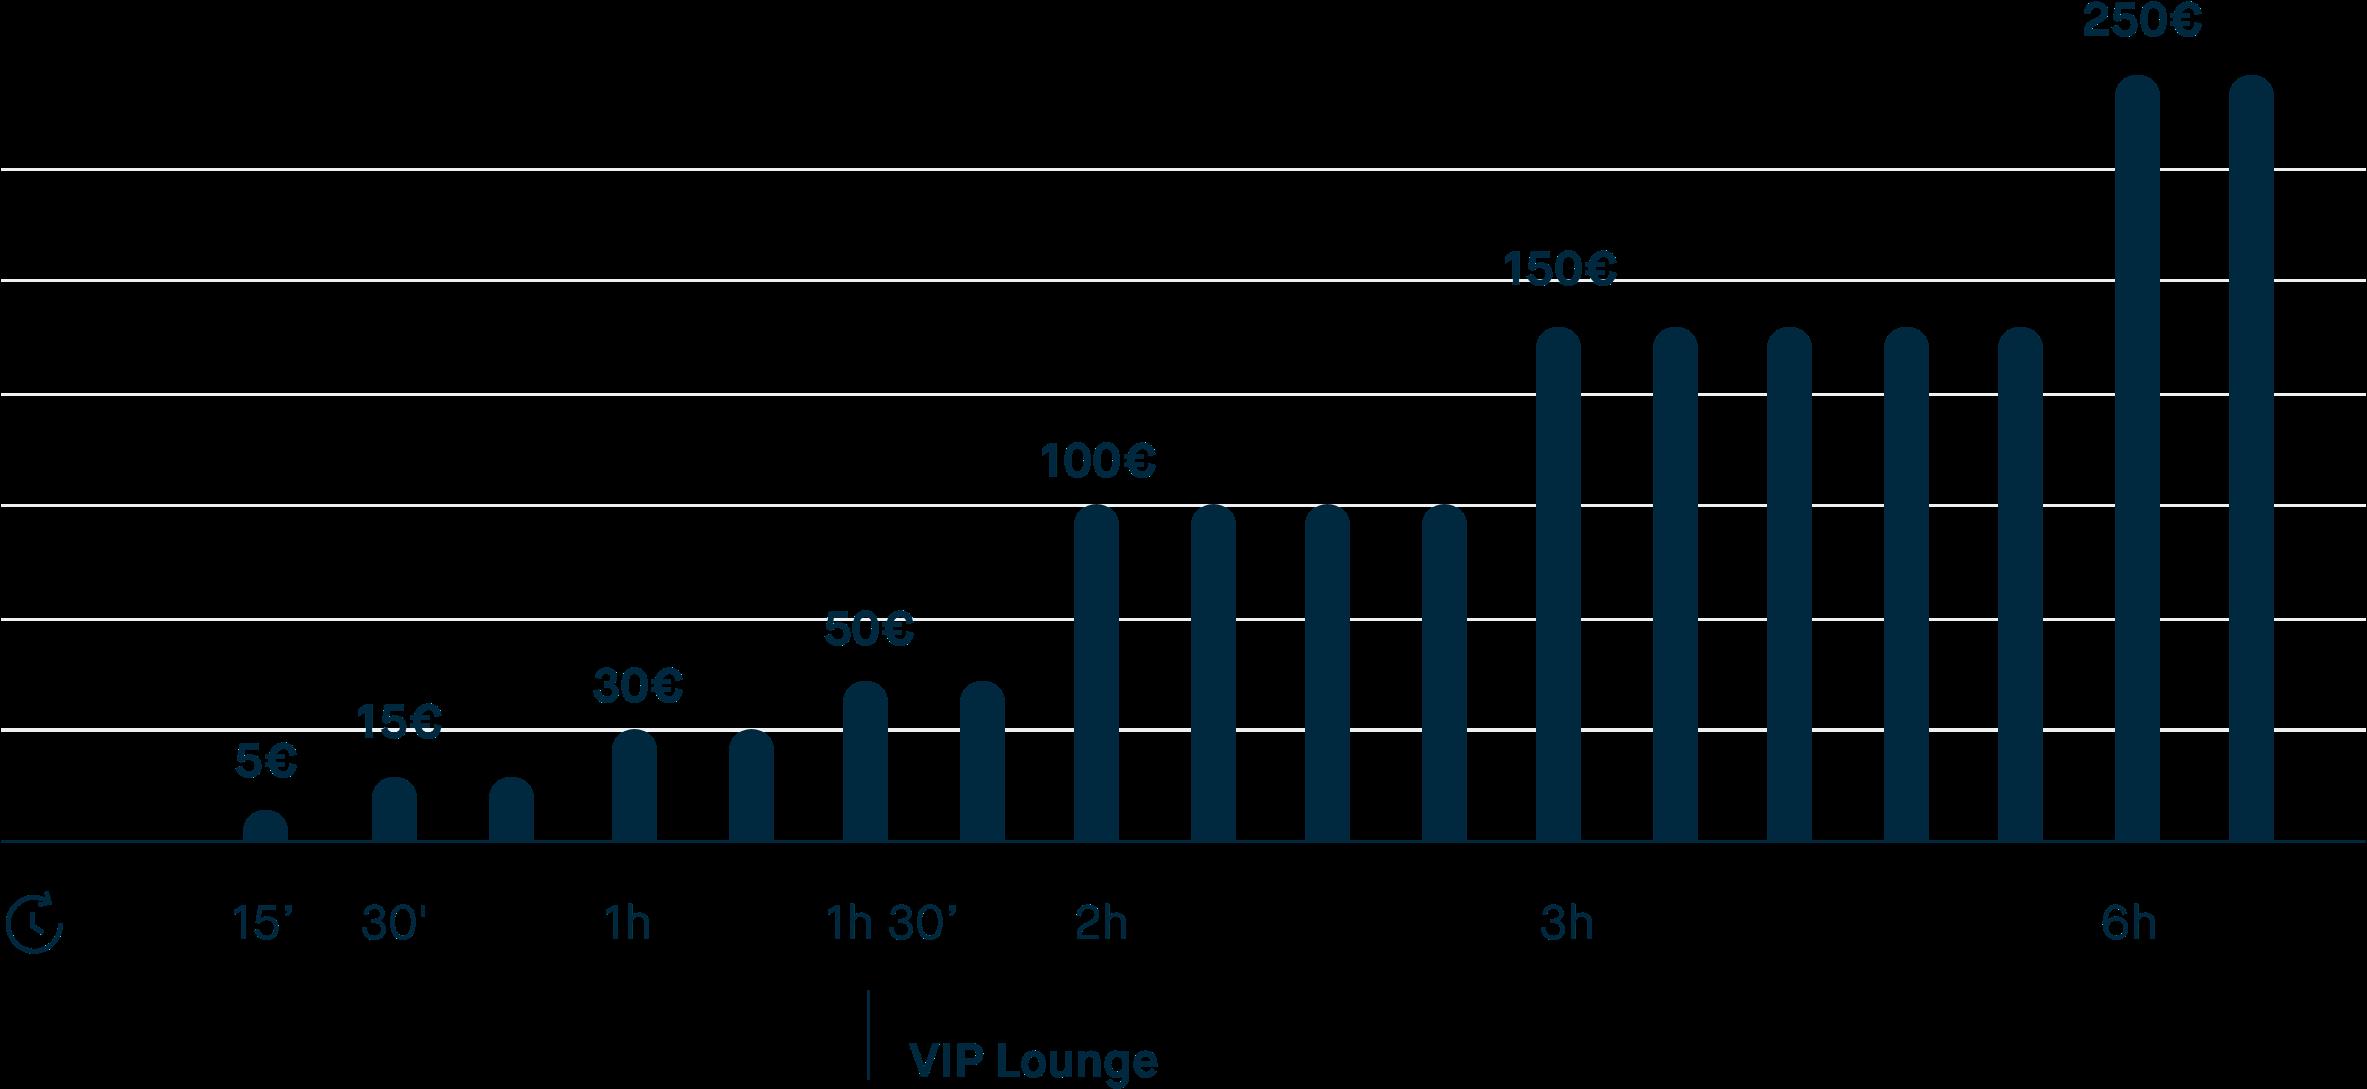 Gráfico de barras de cómo aumenta la compensación con un mayor retraso